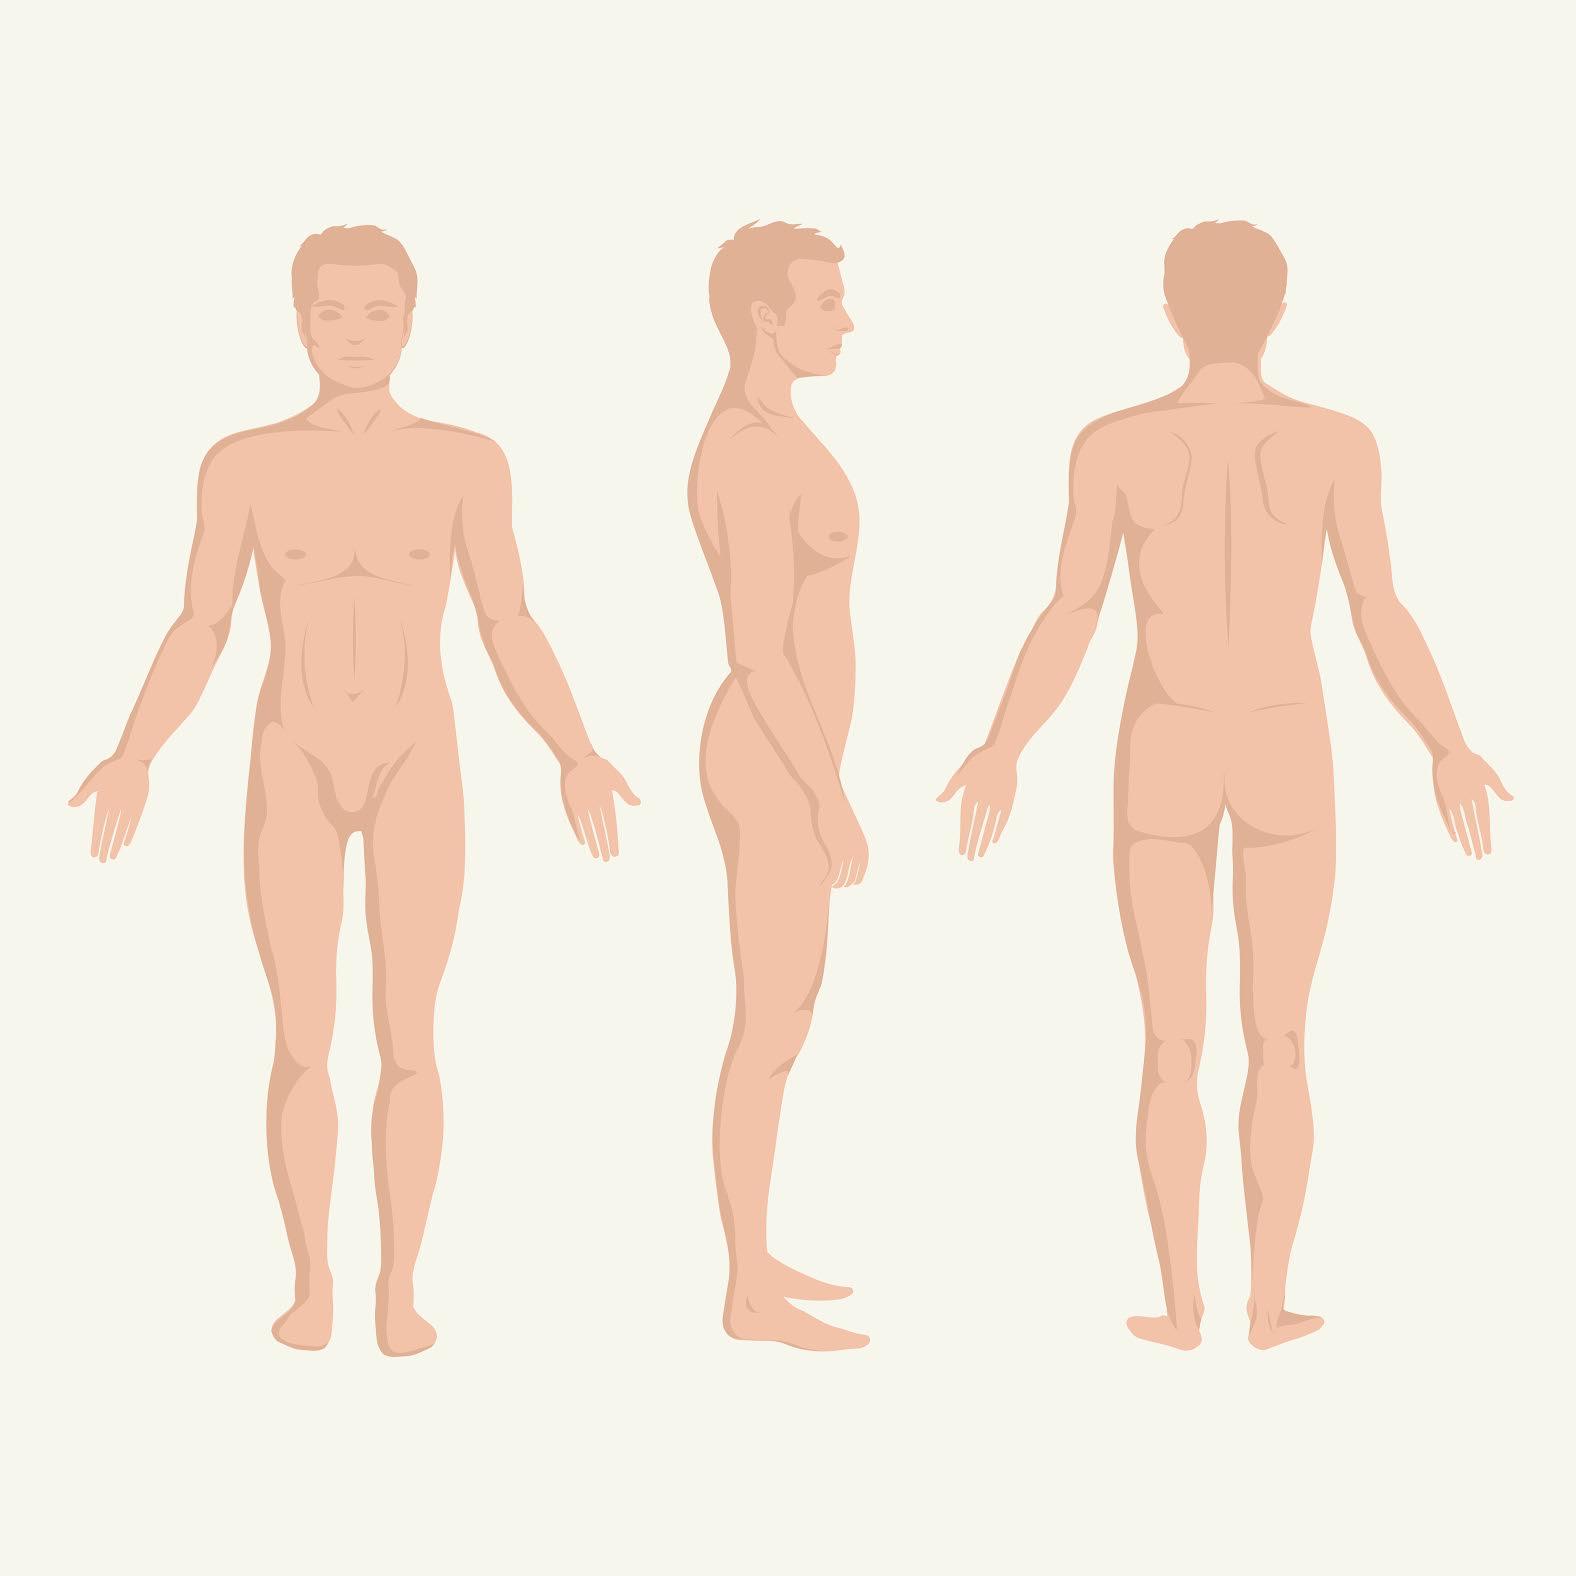 mărirea penisului fără intervenție chirurgicală ce trebuie făcut dacă penisul nu este excitat